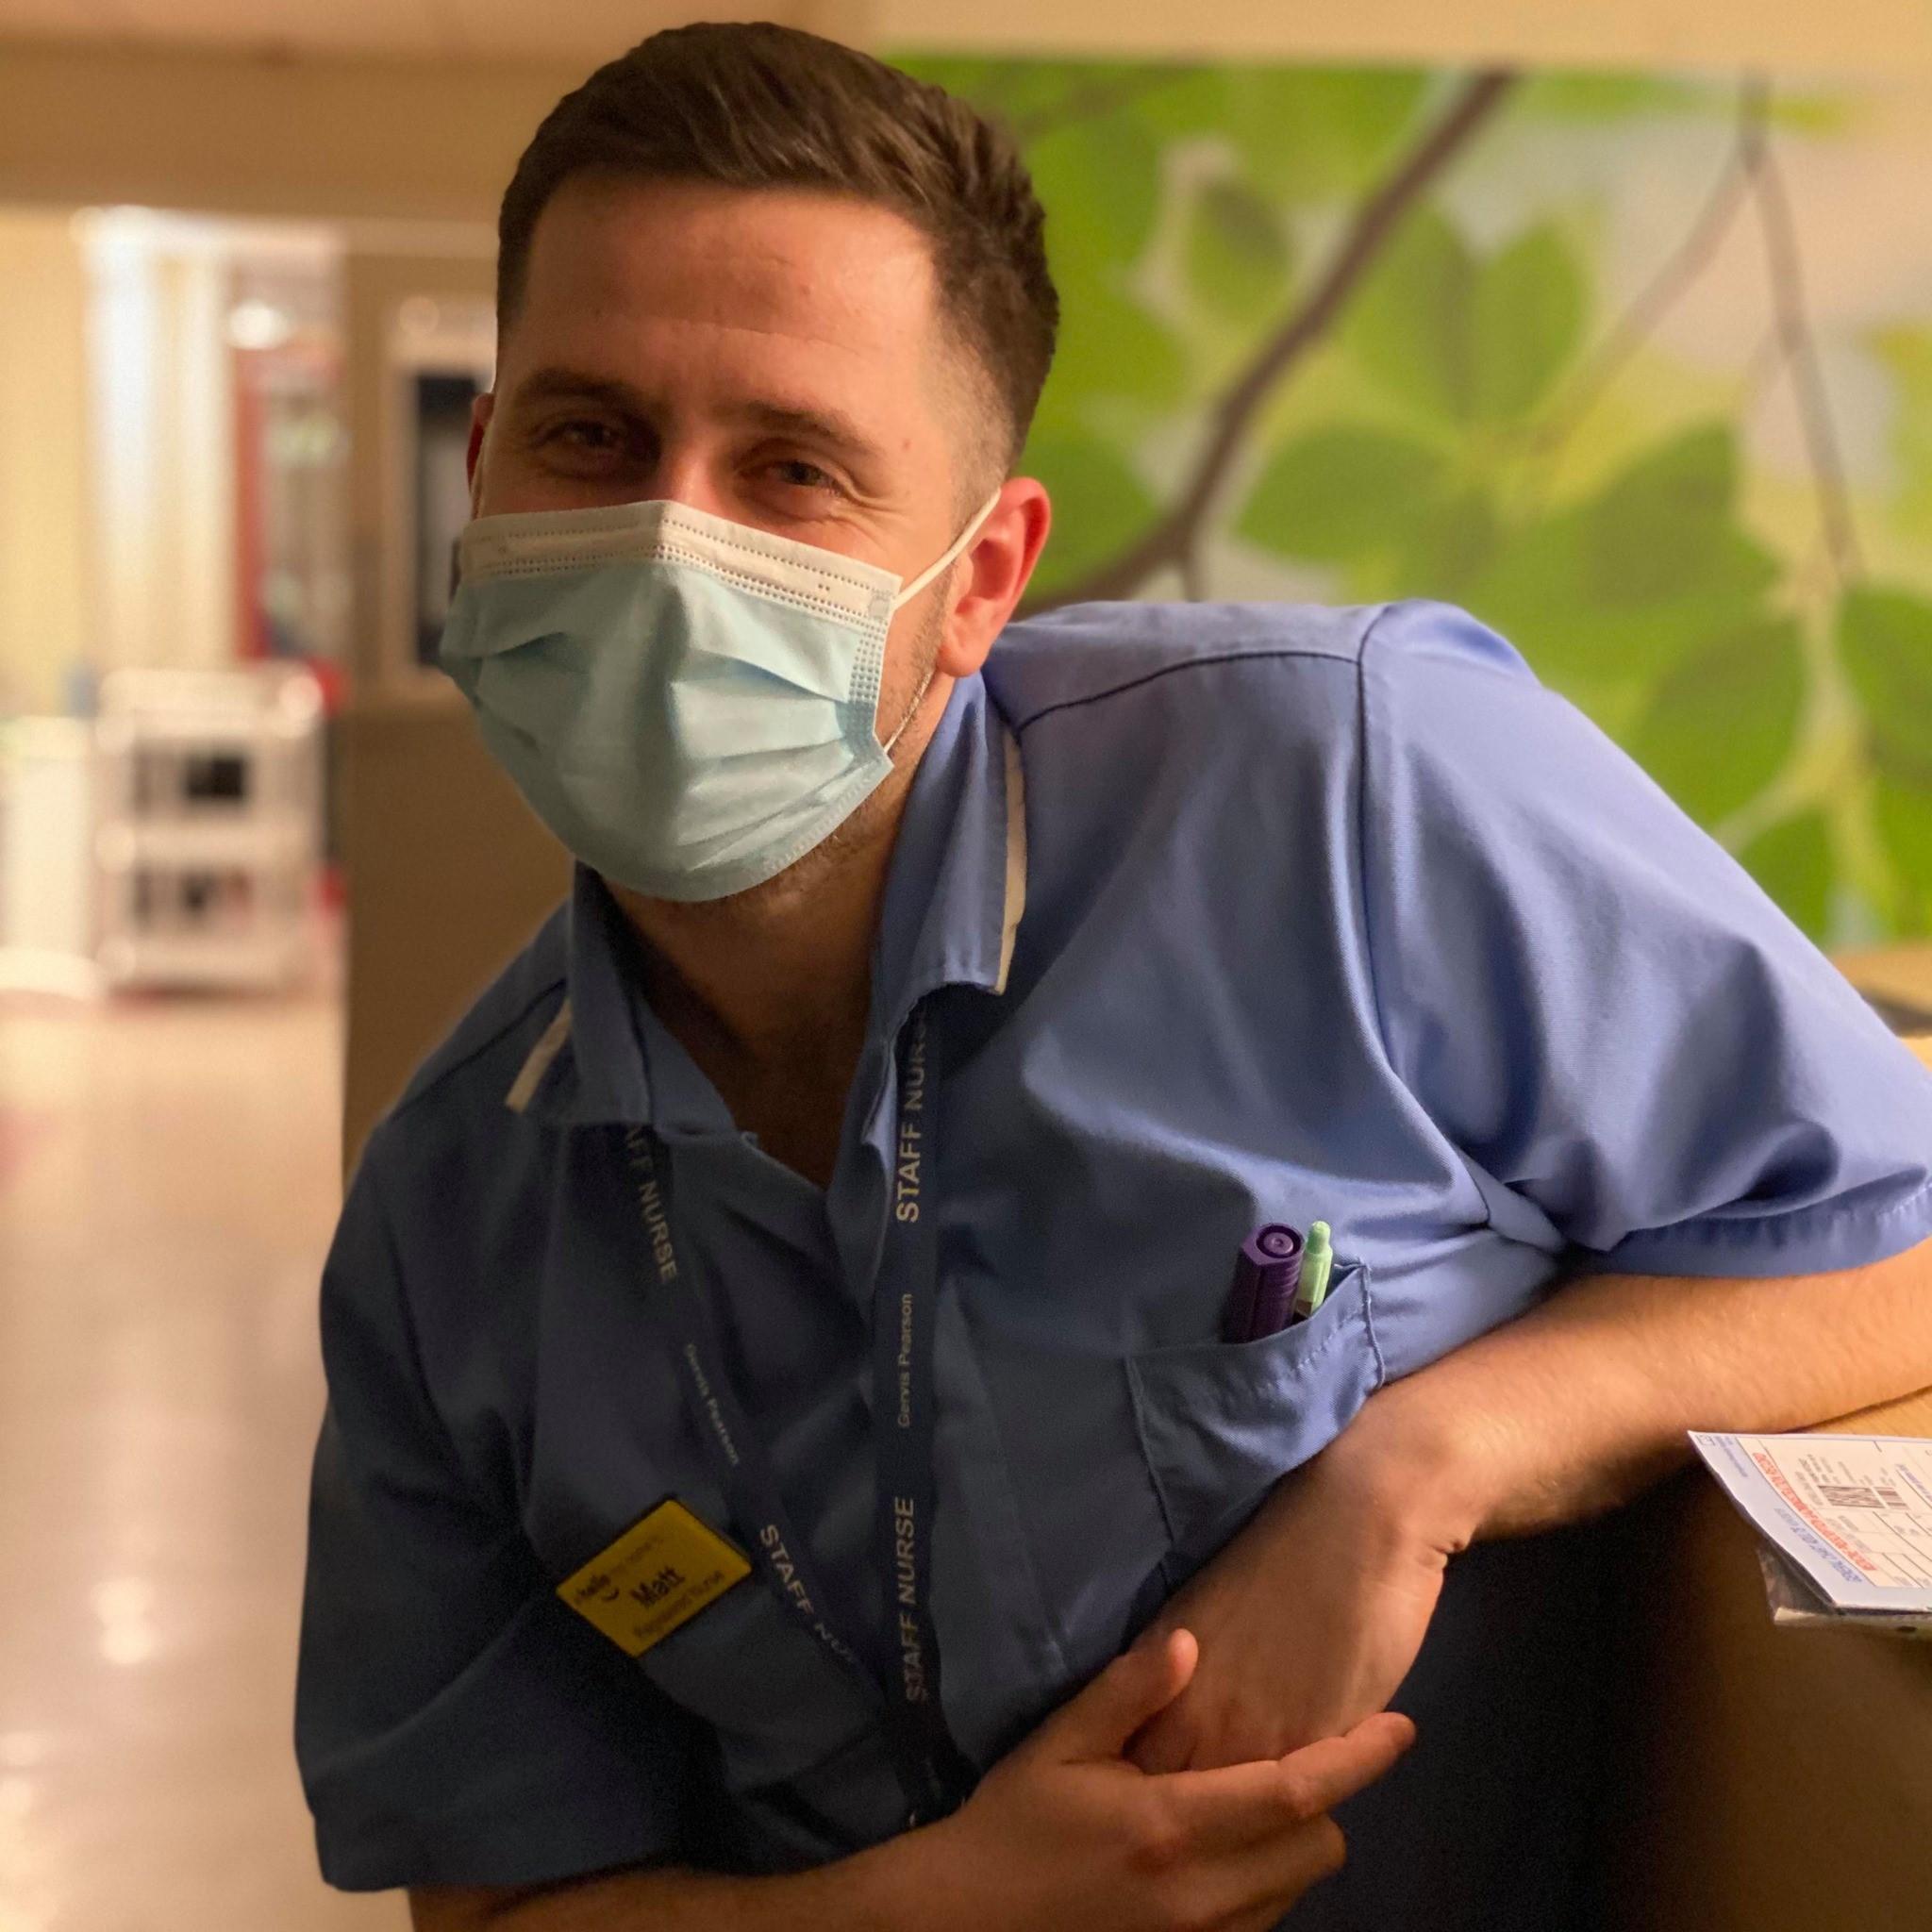 Matt at work